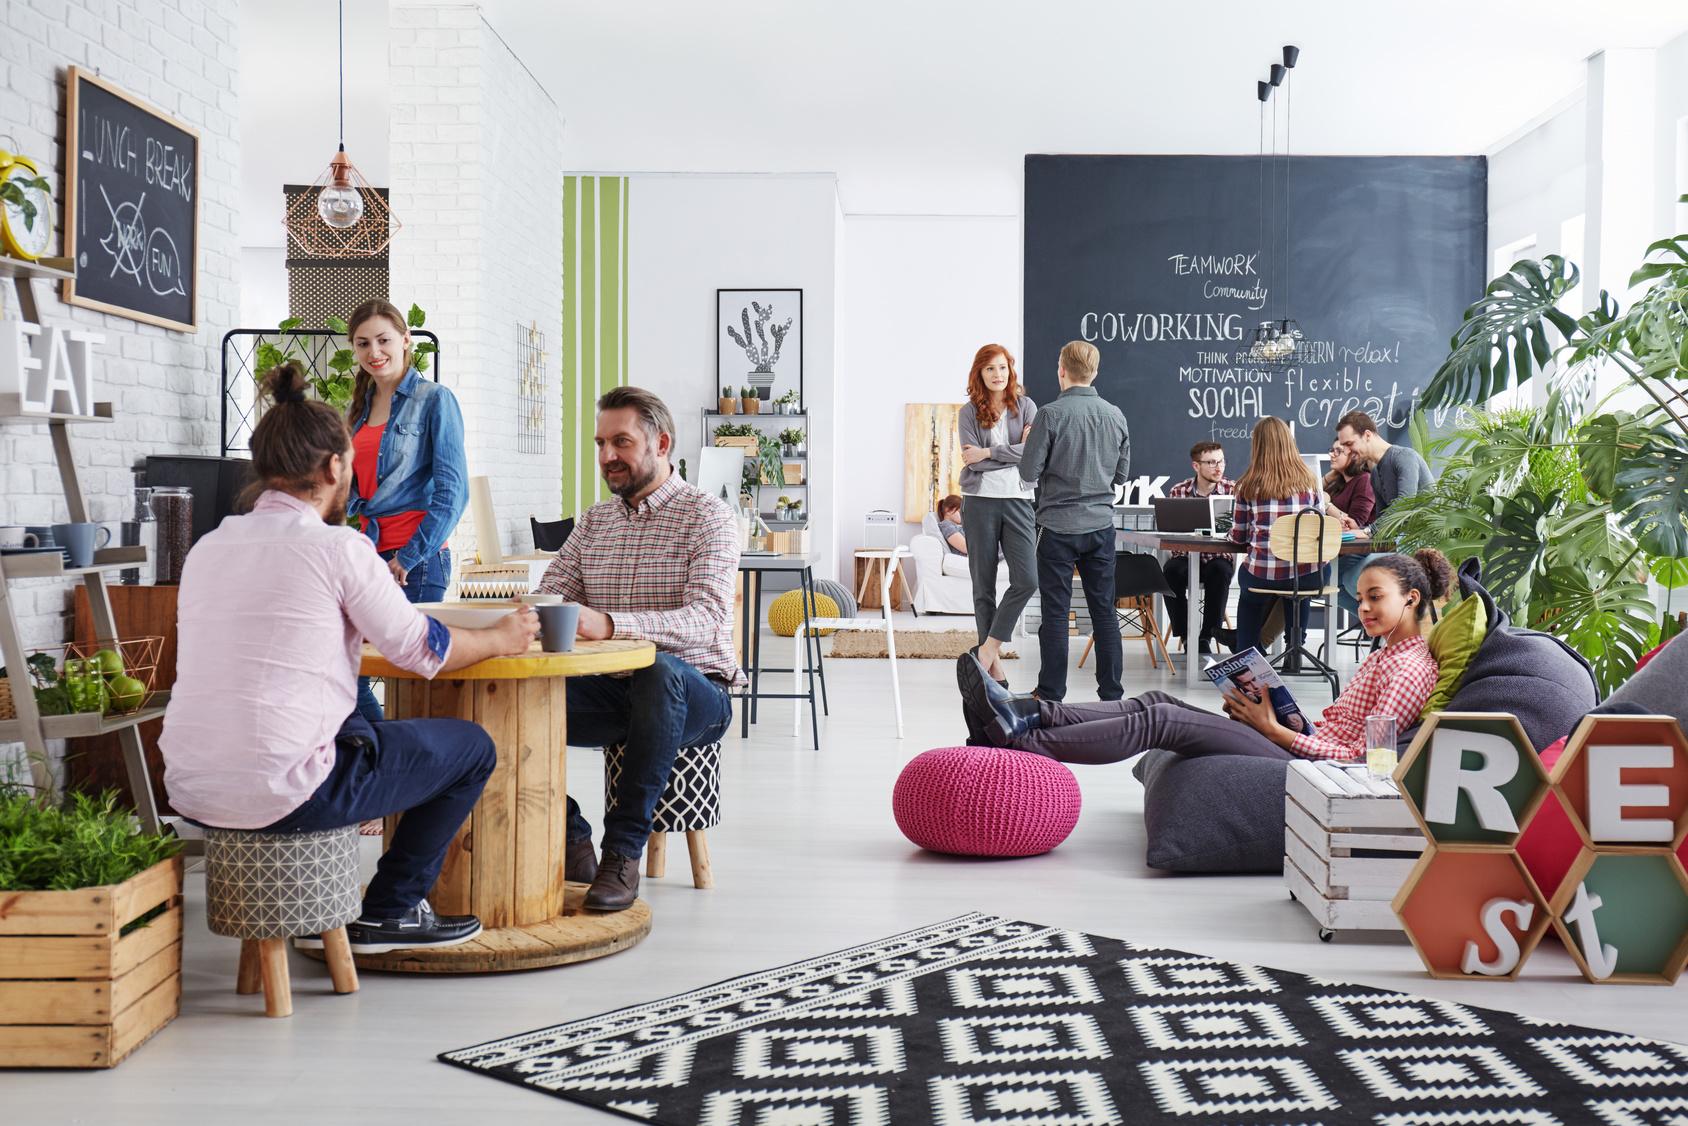 Großstädte wie Berlin sind bei Start-ups beliebt